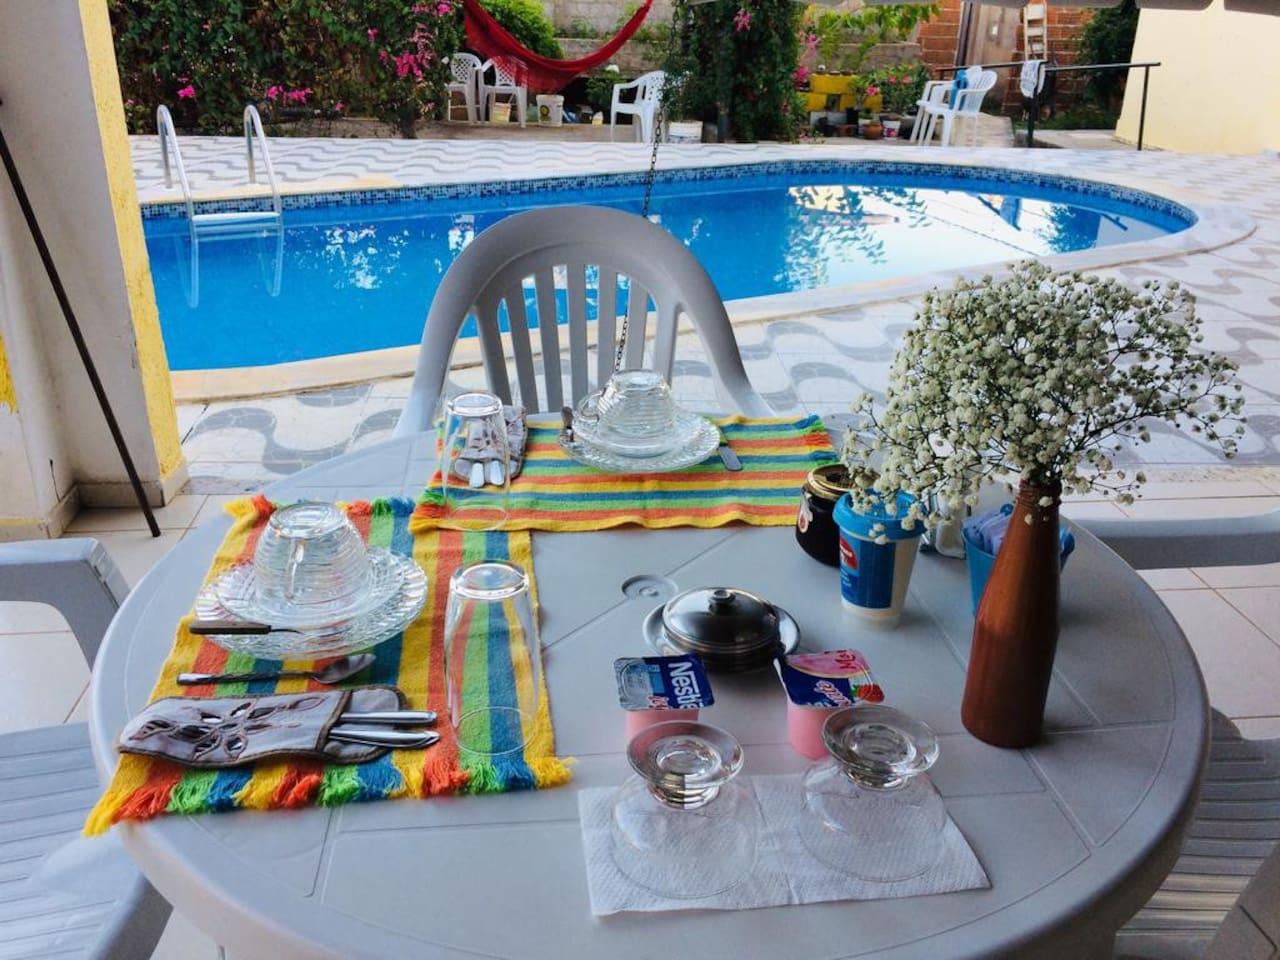 Hora do café da manhã! Oferecemos um delicioso café continental ao lado da piscina.